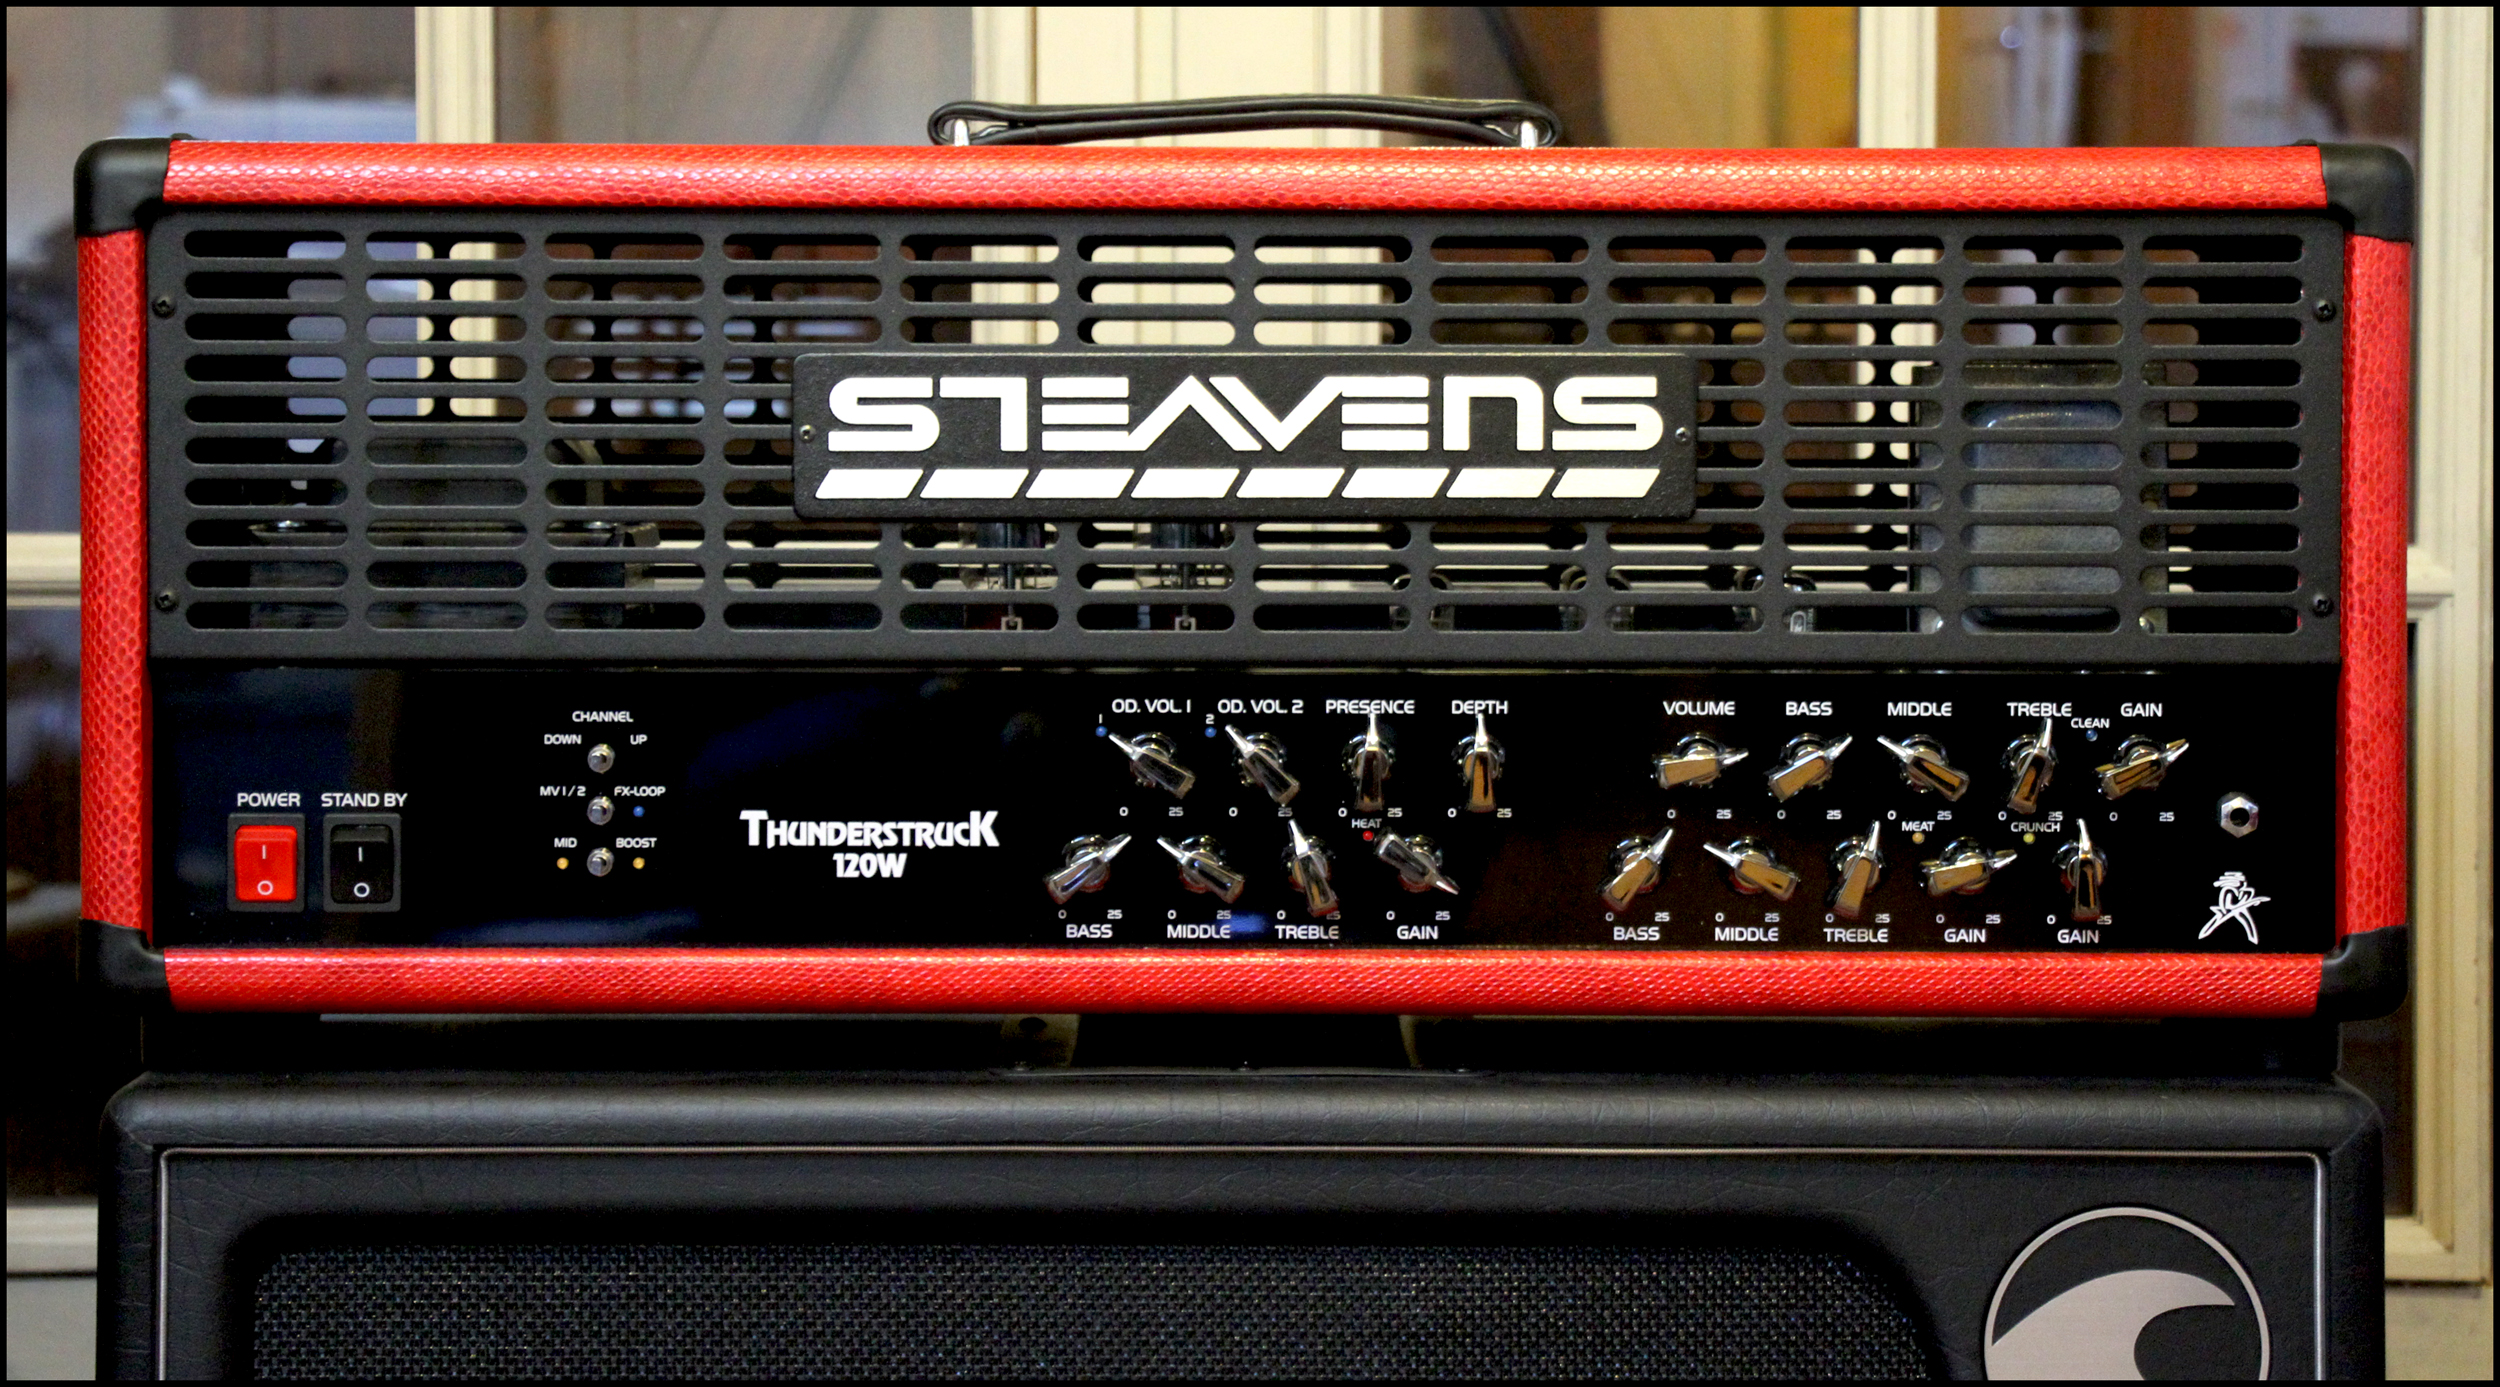 Steavens thunderstruck 50w custom order 792797IMG4149